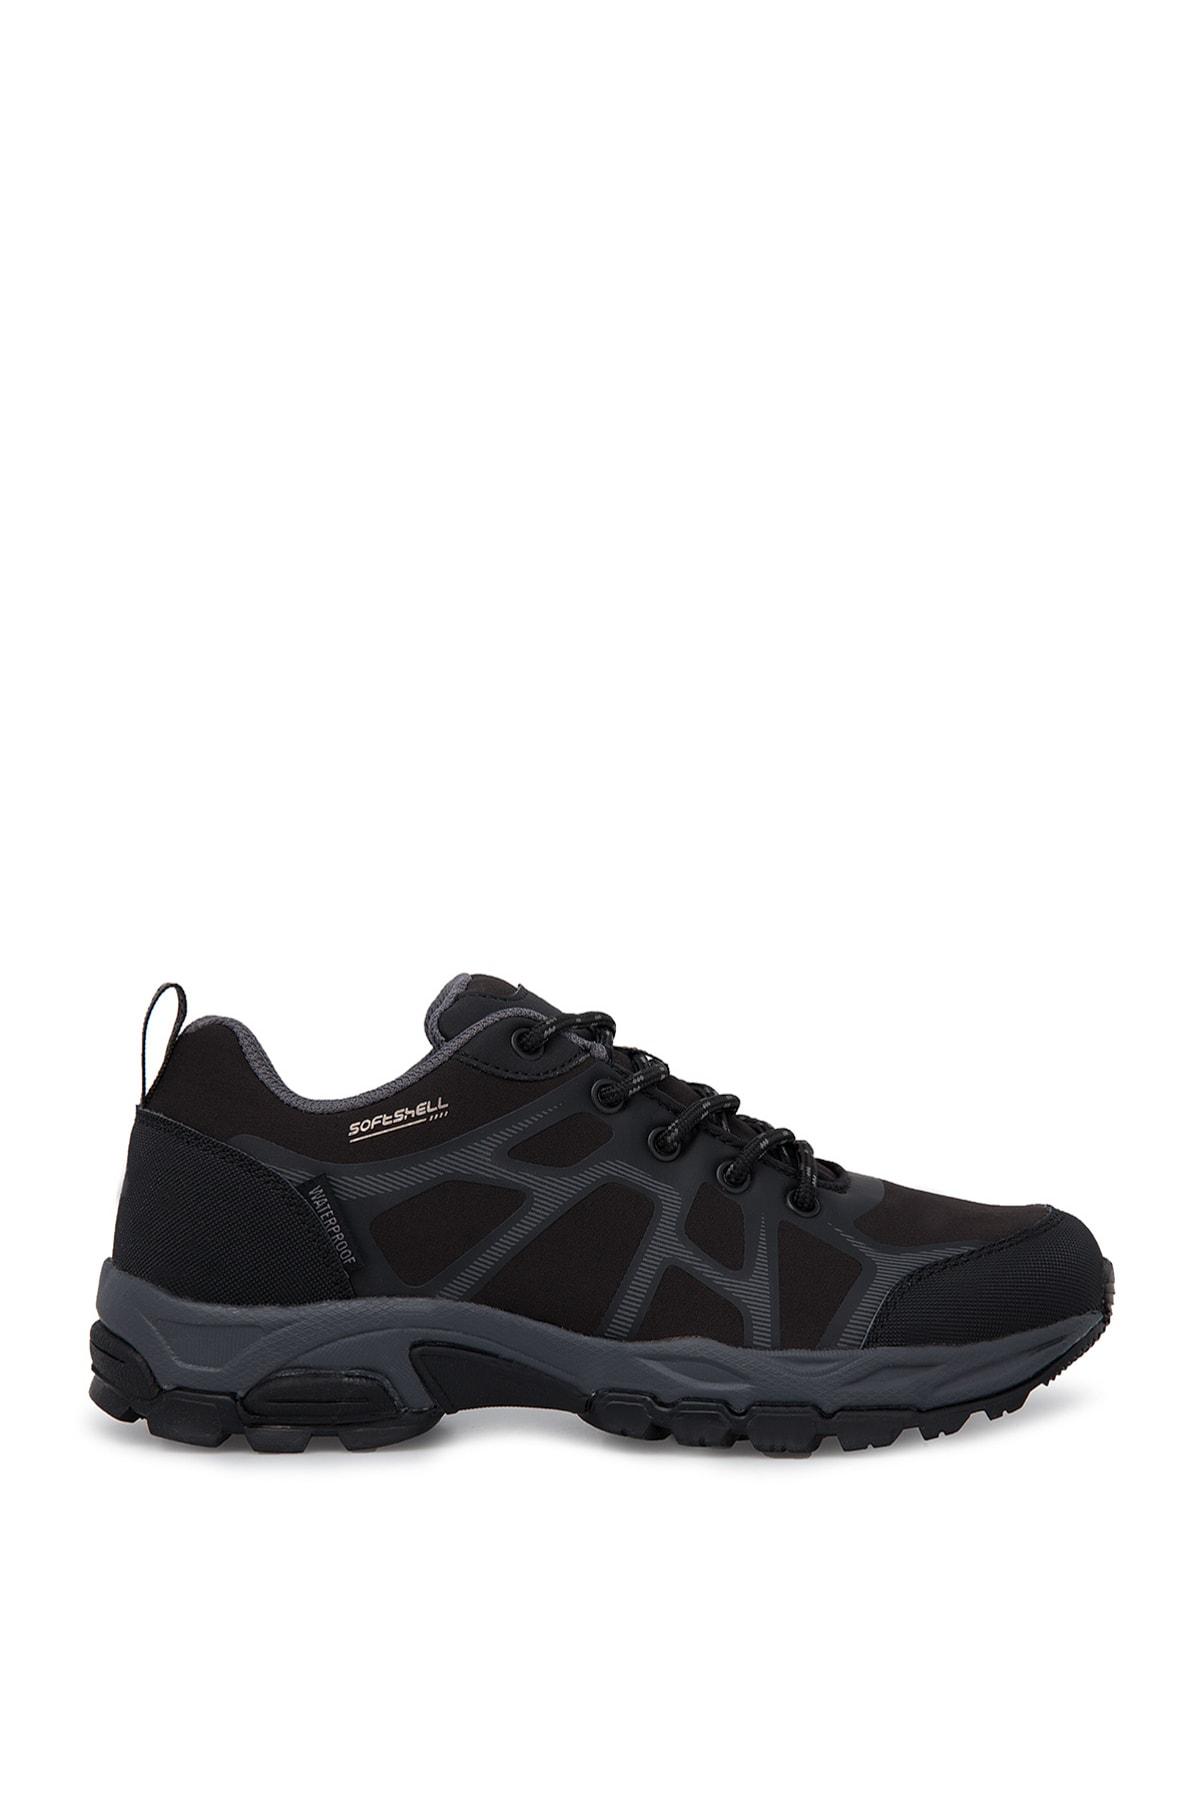 lumberjack MATHEW WMN 9PR Siyah Kadın Outdoor Ayakkabı 100420799 1